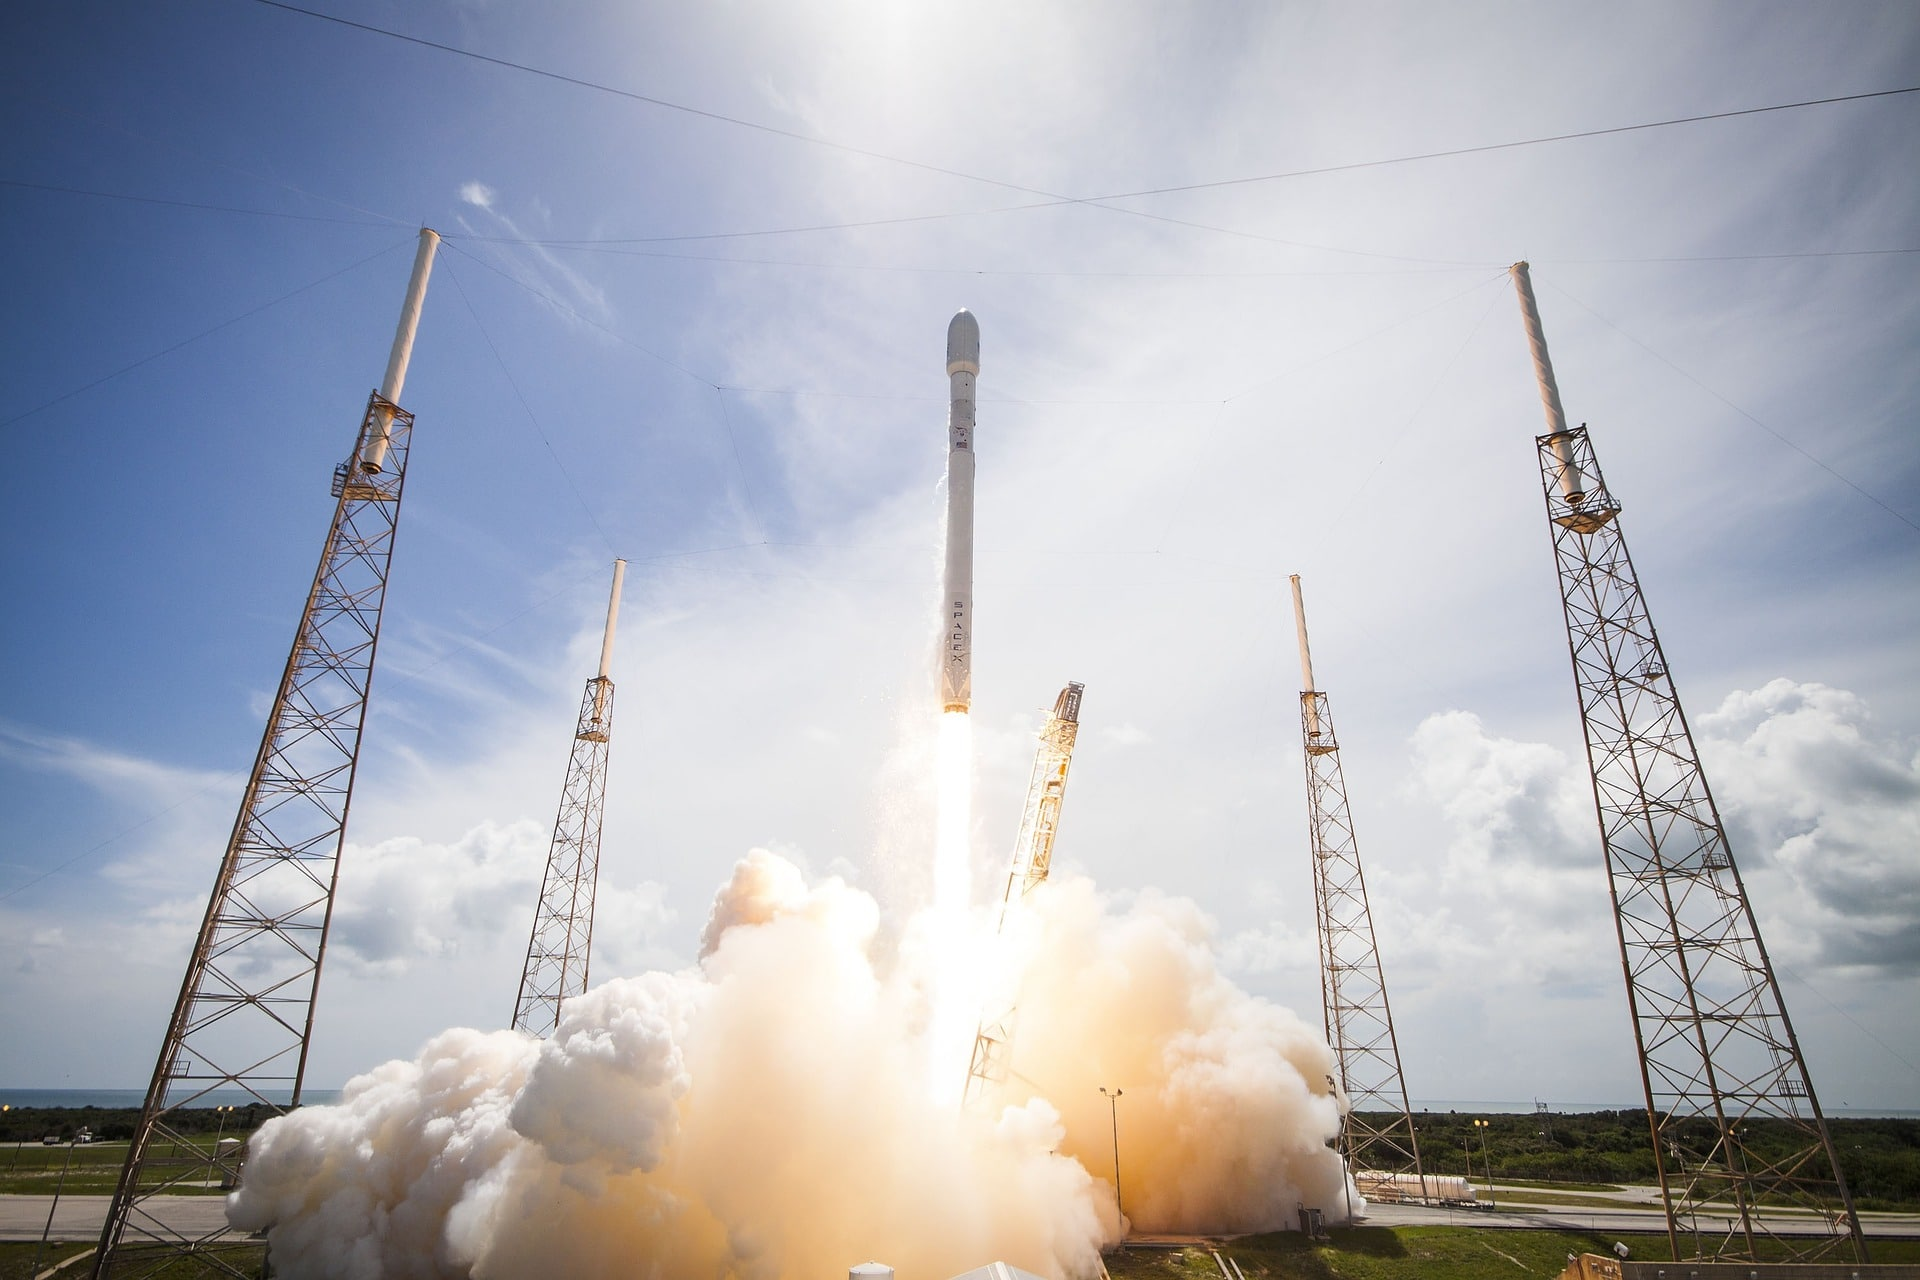 Space-Aktien: Raumfahrt-Unternehmen an der Börse